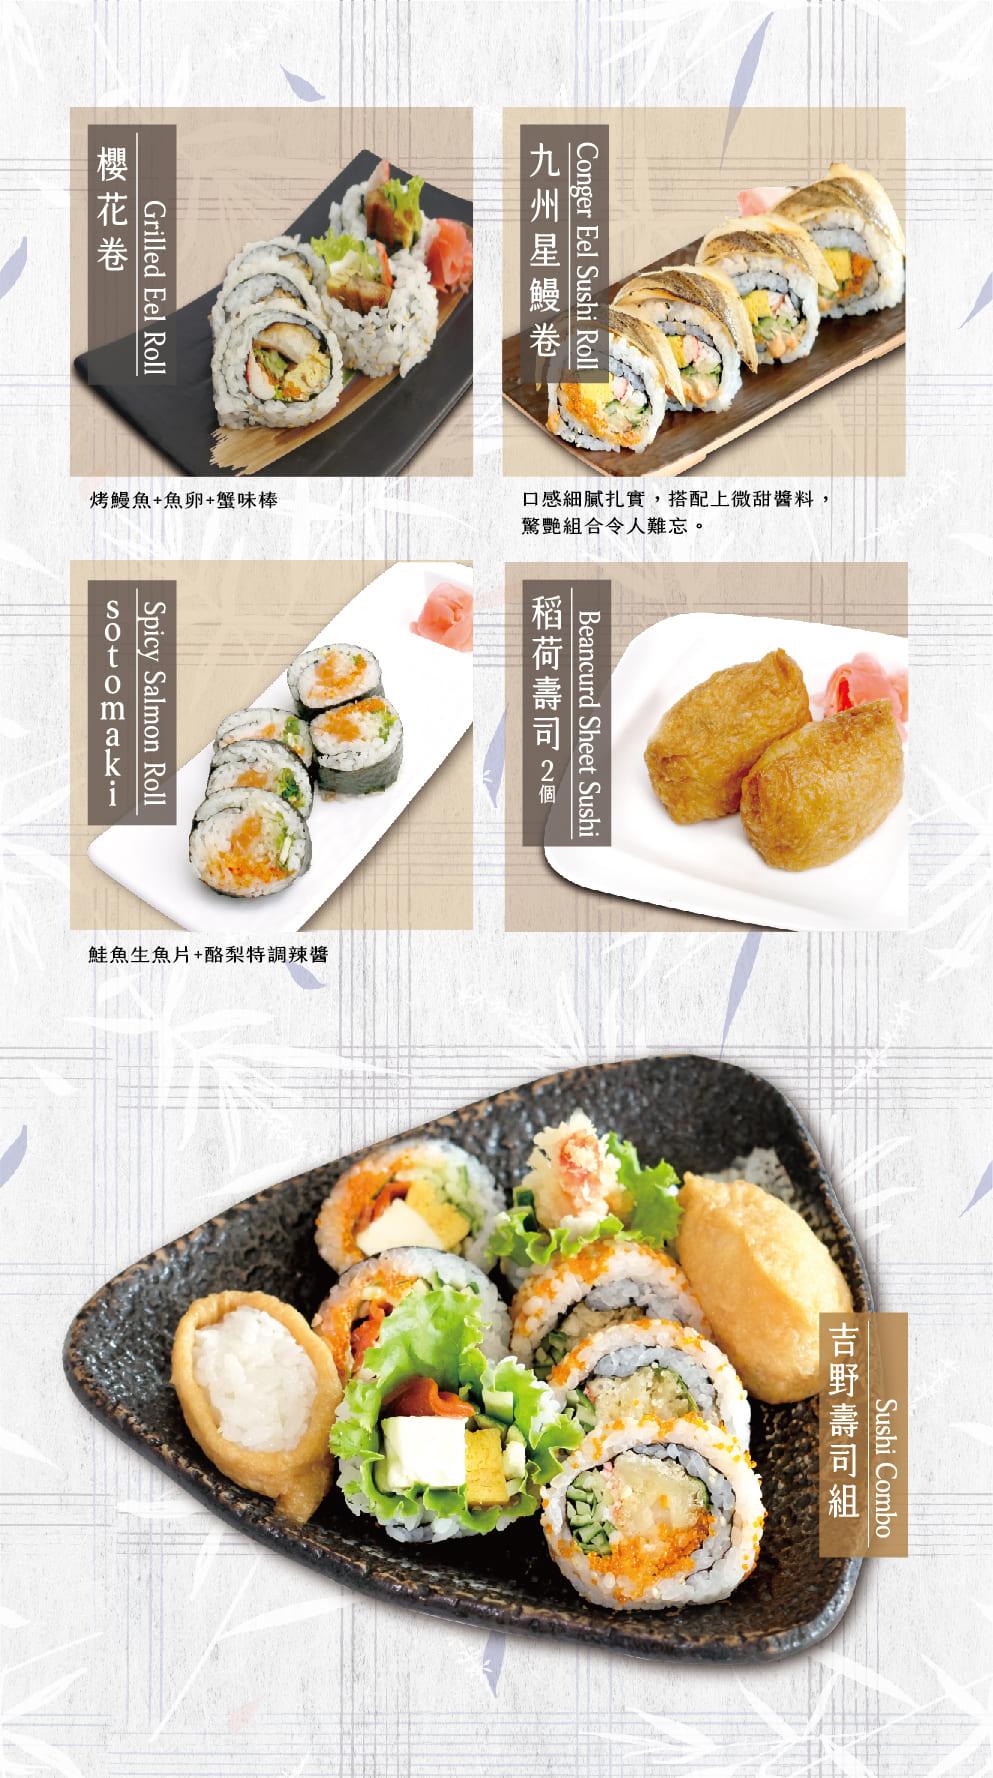 櫻花卷、九州星鰻卷、Sotomaki、稻荷壽司、吉野壽司組